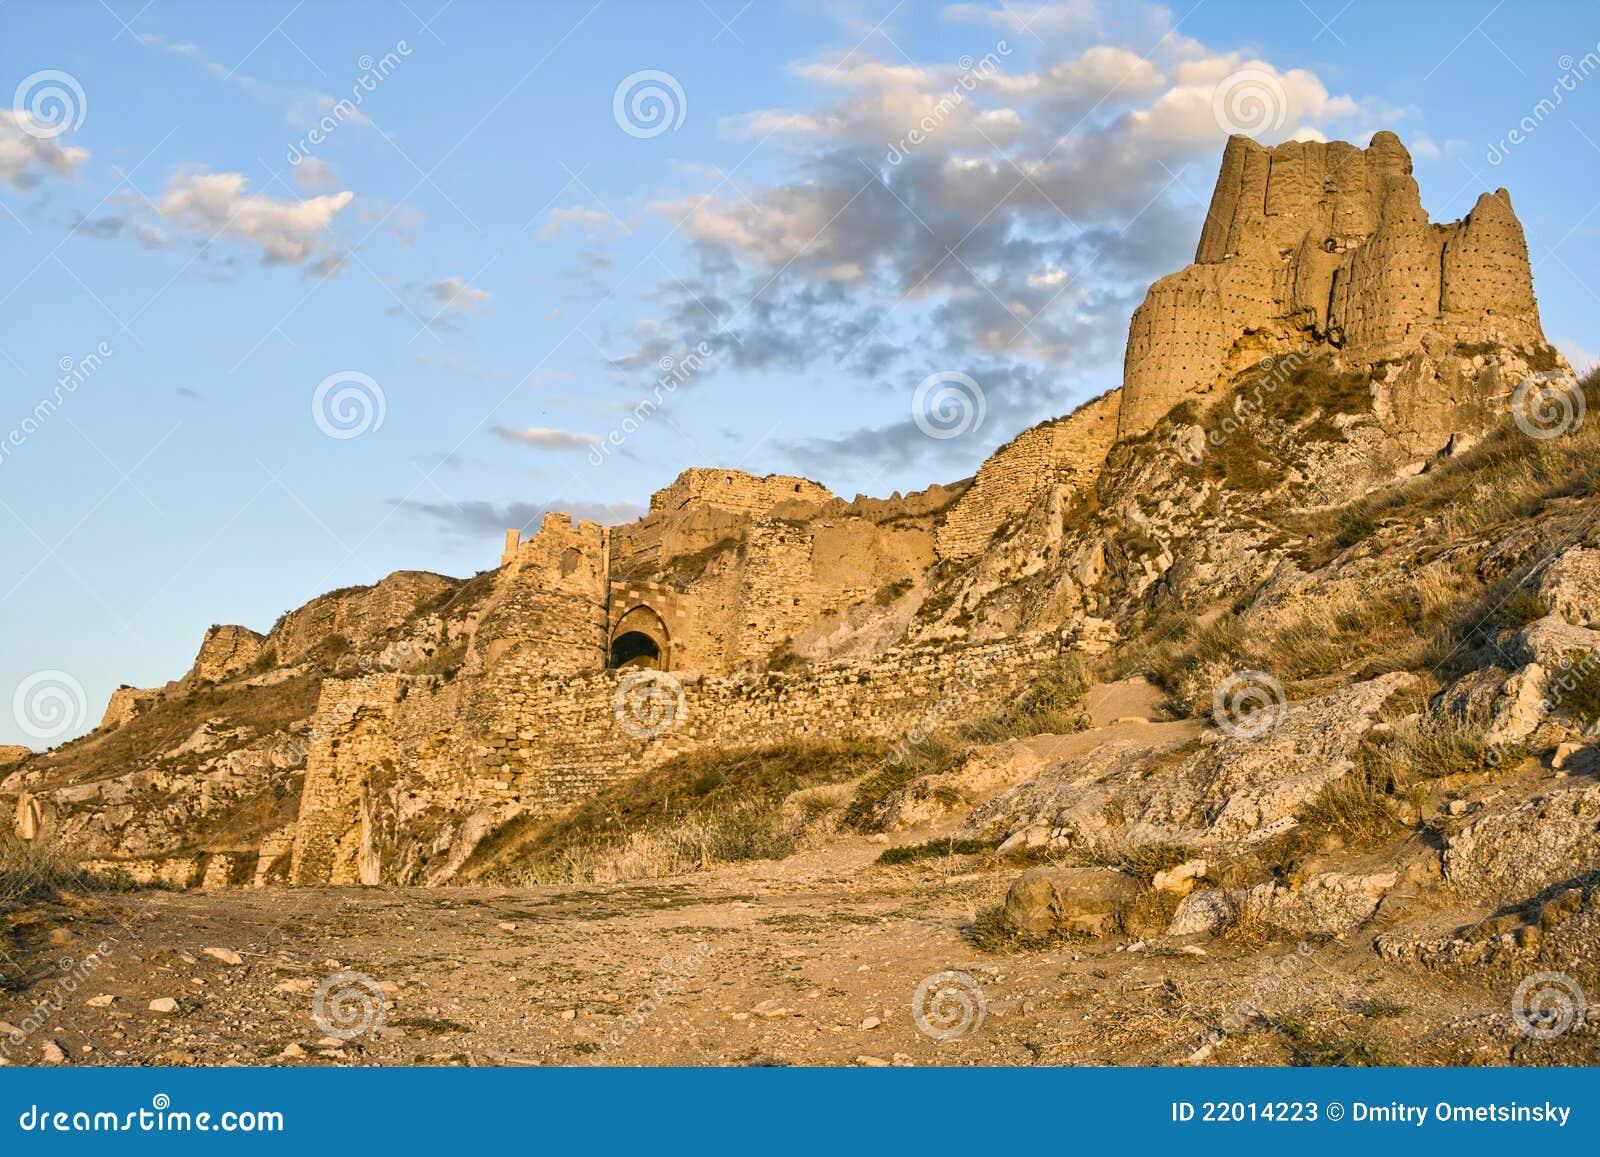 Capital fortress of kingdom Urartu in Van, Turkey